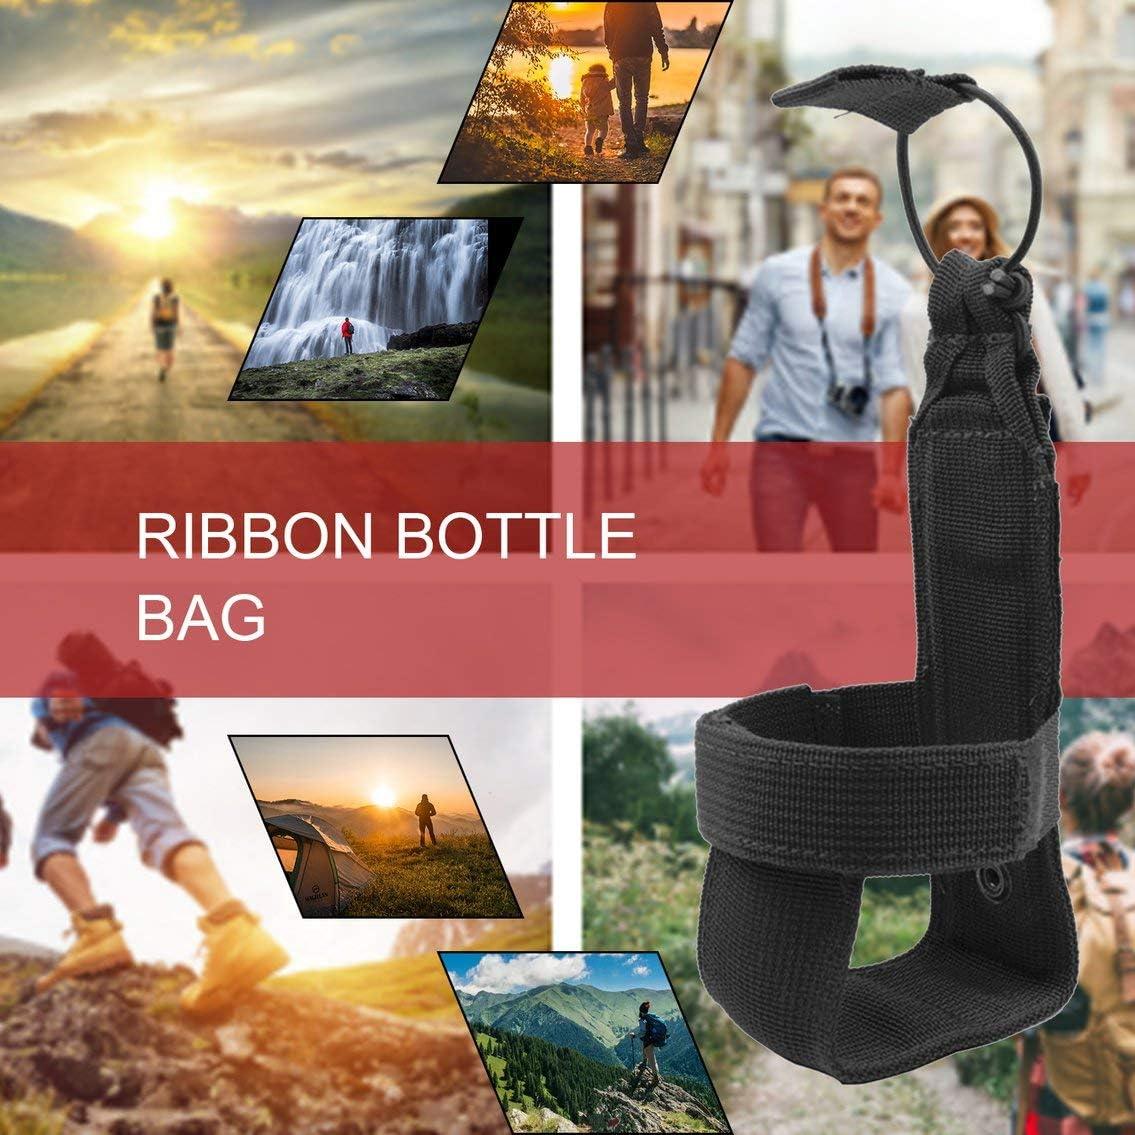 Panamami Bolsa de Botella de Agua táctica Nylon Cinta mágica Ajustable Funda de cantimplora Militar Funda de Viaje Bolsa de Caldera de Viaje al Aire Libre - Negro